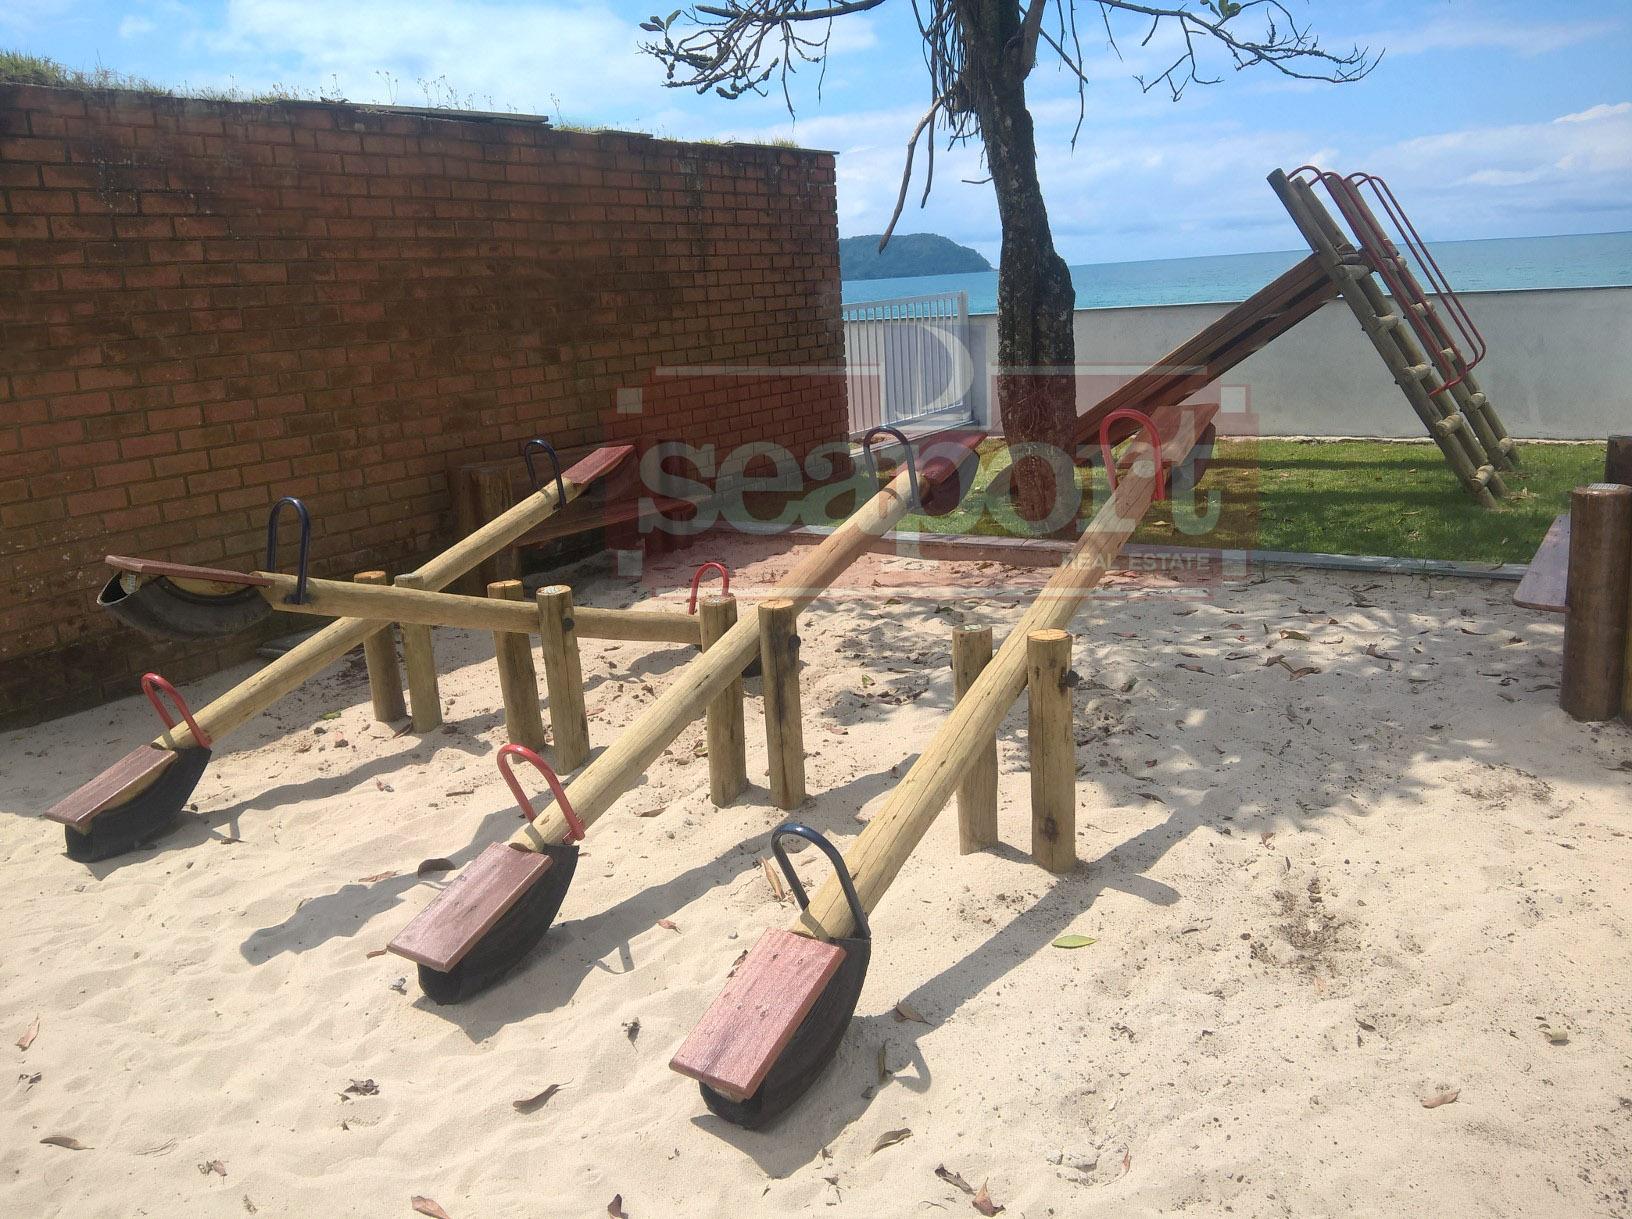 Prayground do condomínio frente ao mar